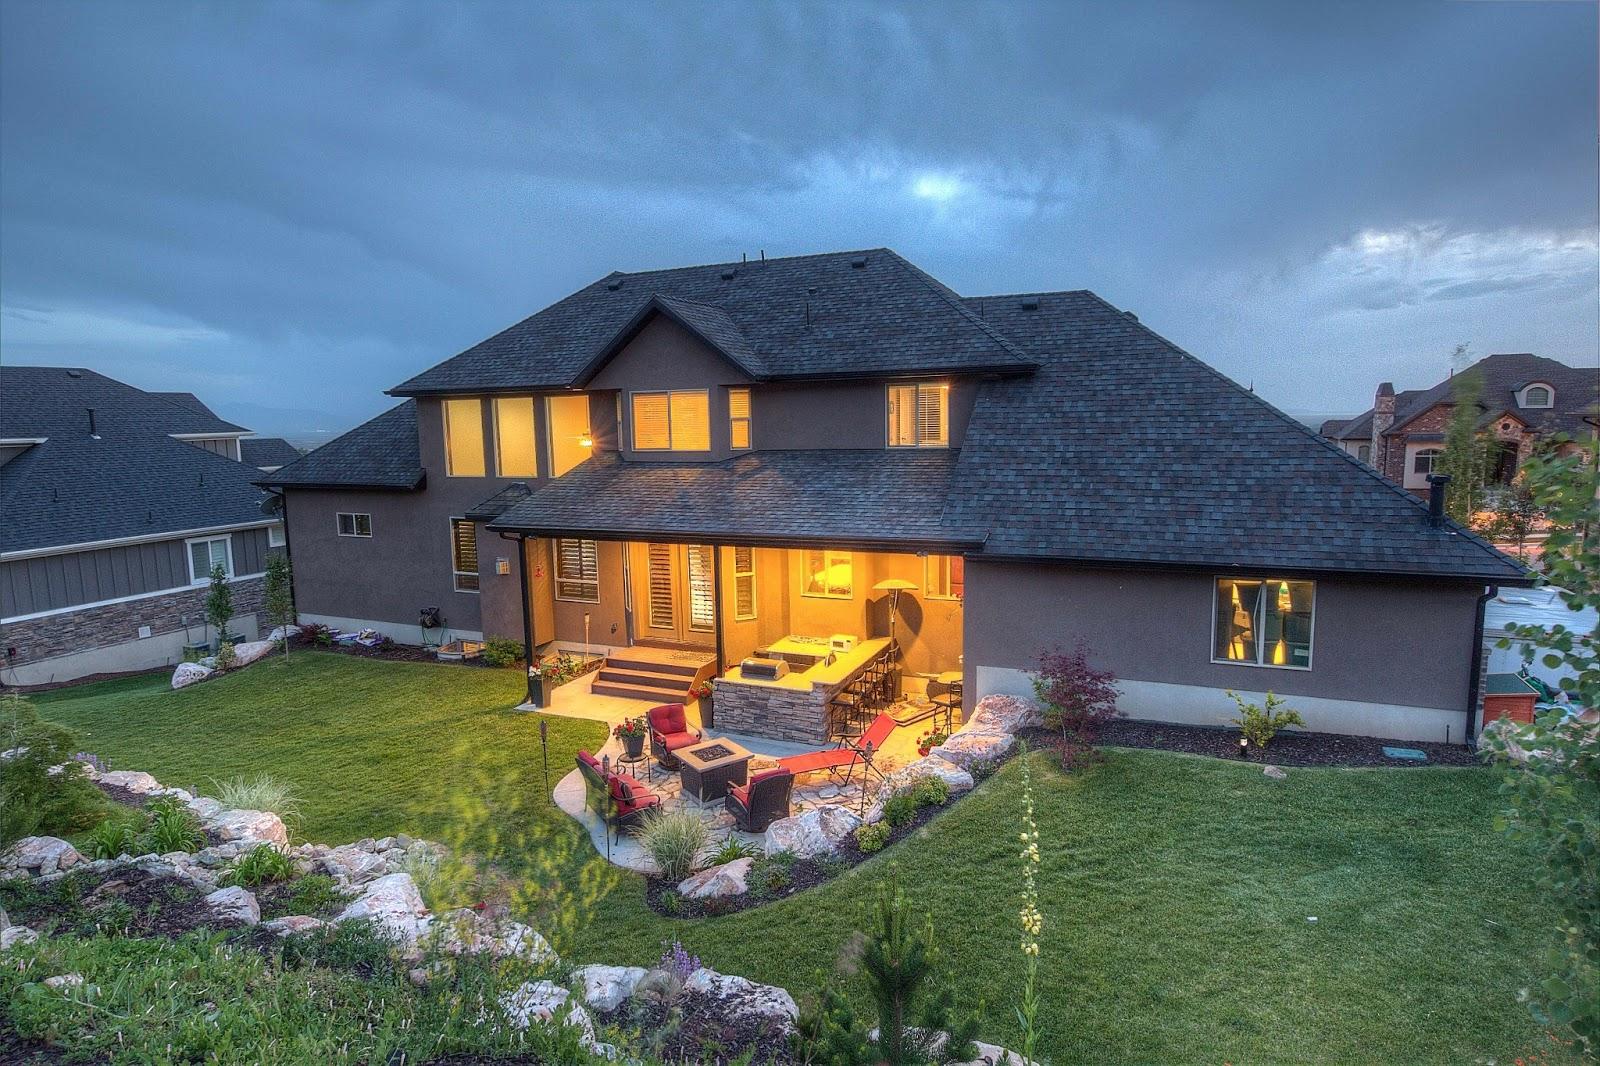 Castle creek homes utah 39 s premier home builder for Custom built house